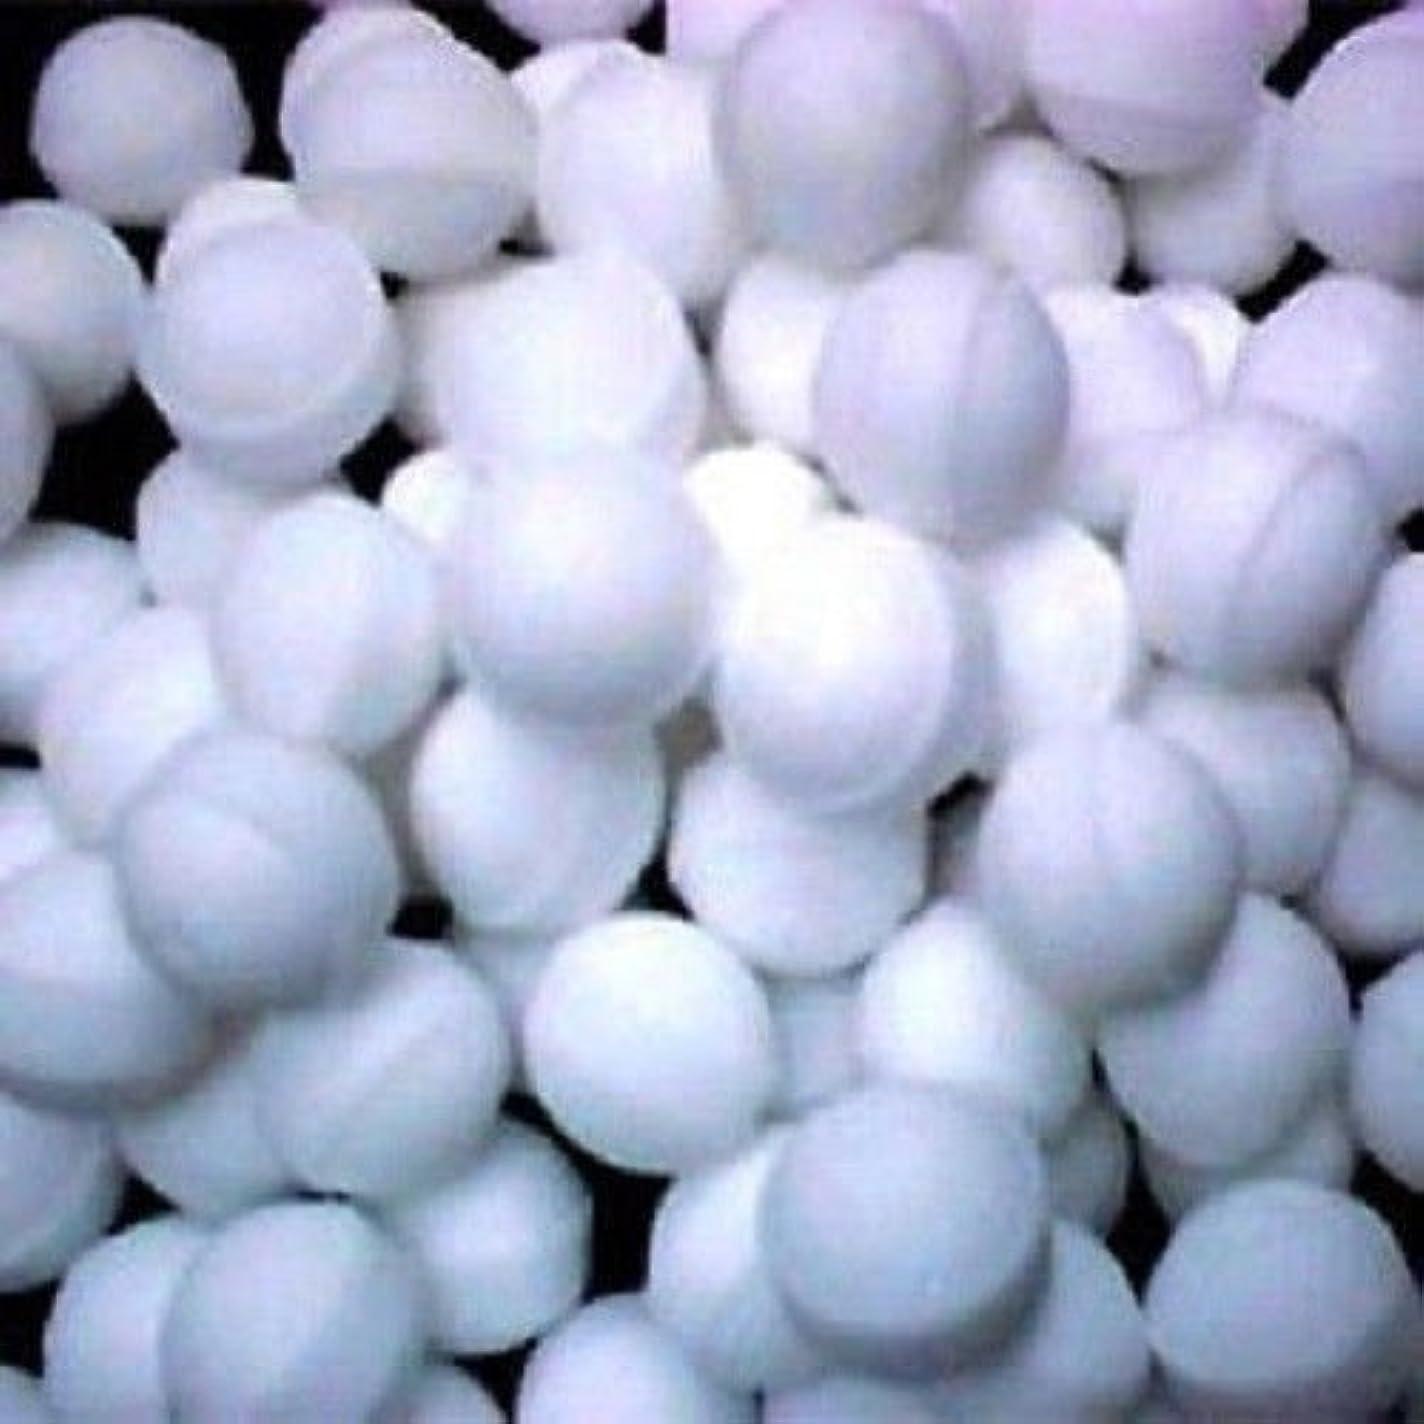 スイッチコア菊Naphthalene Balls, Moth Balls,snow White,toilets,cupboards,books,cloth Mothballs- 50 Balls 100g Pack by Eagle...